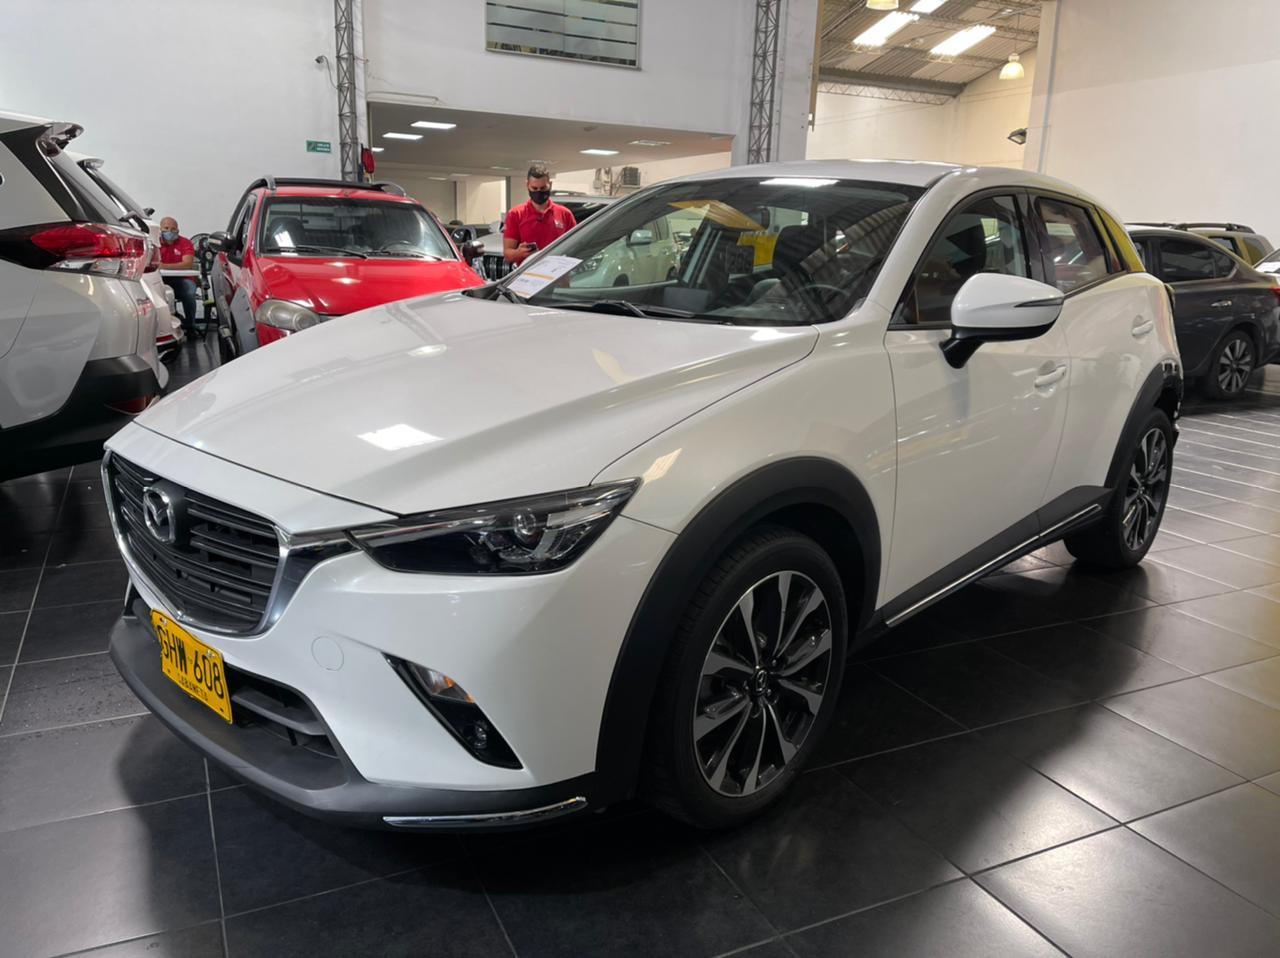 Mazda-Cx3-01458667-1